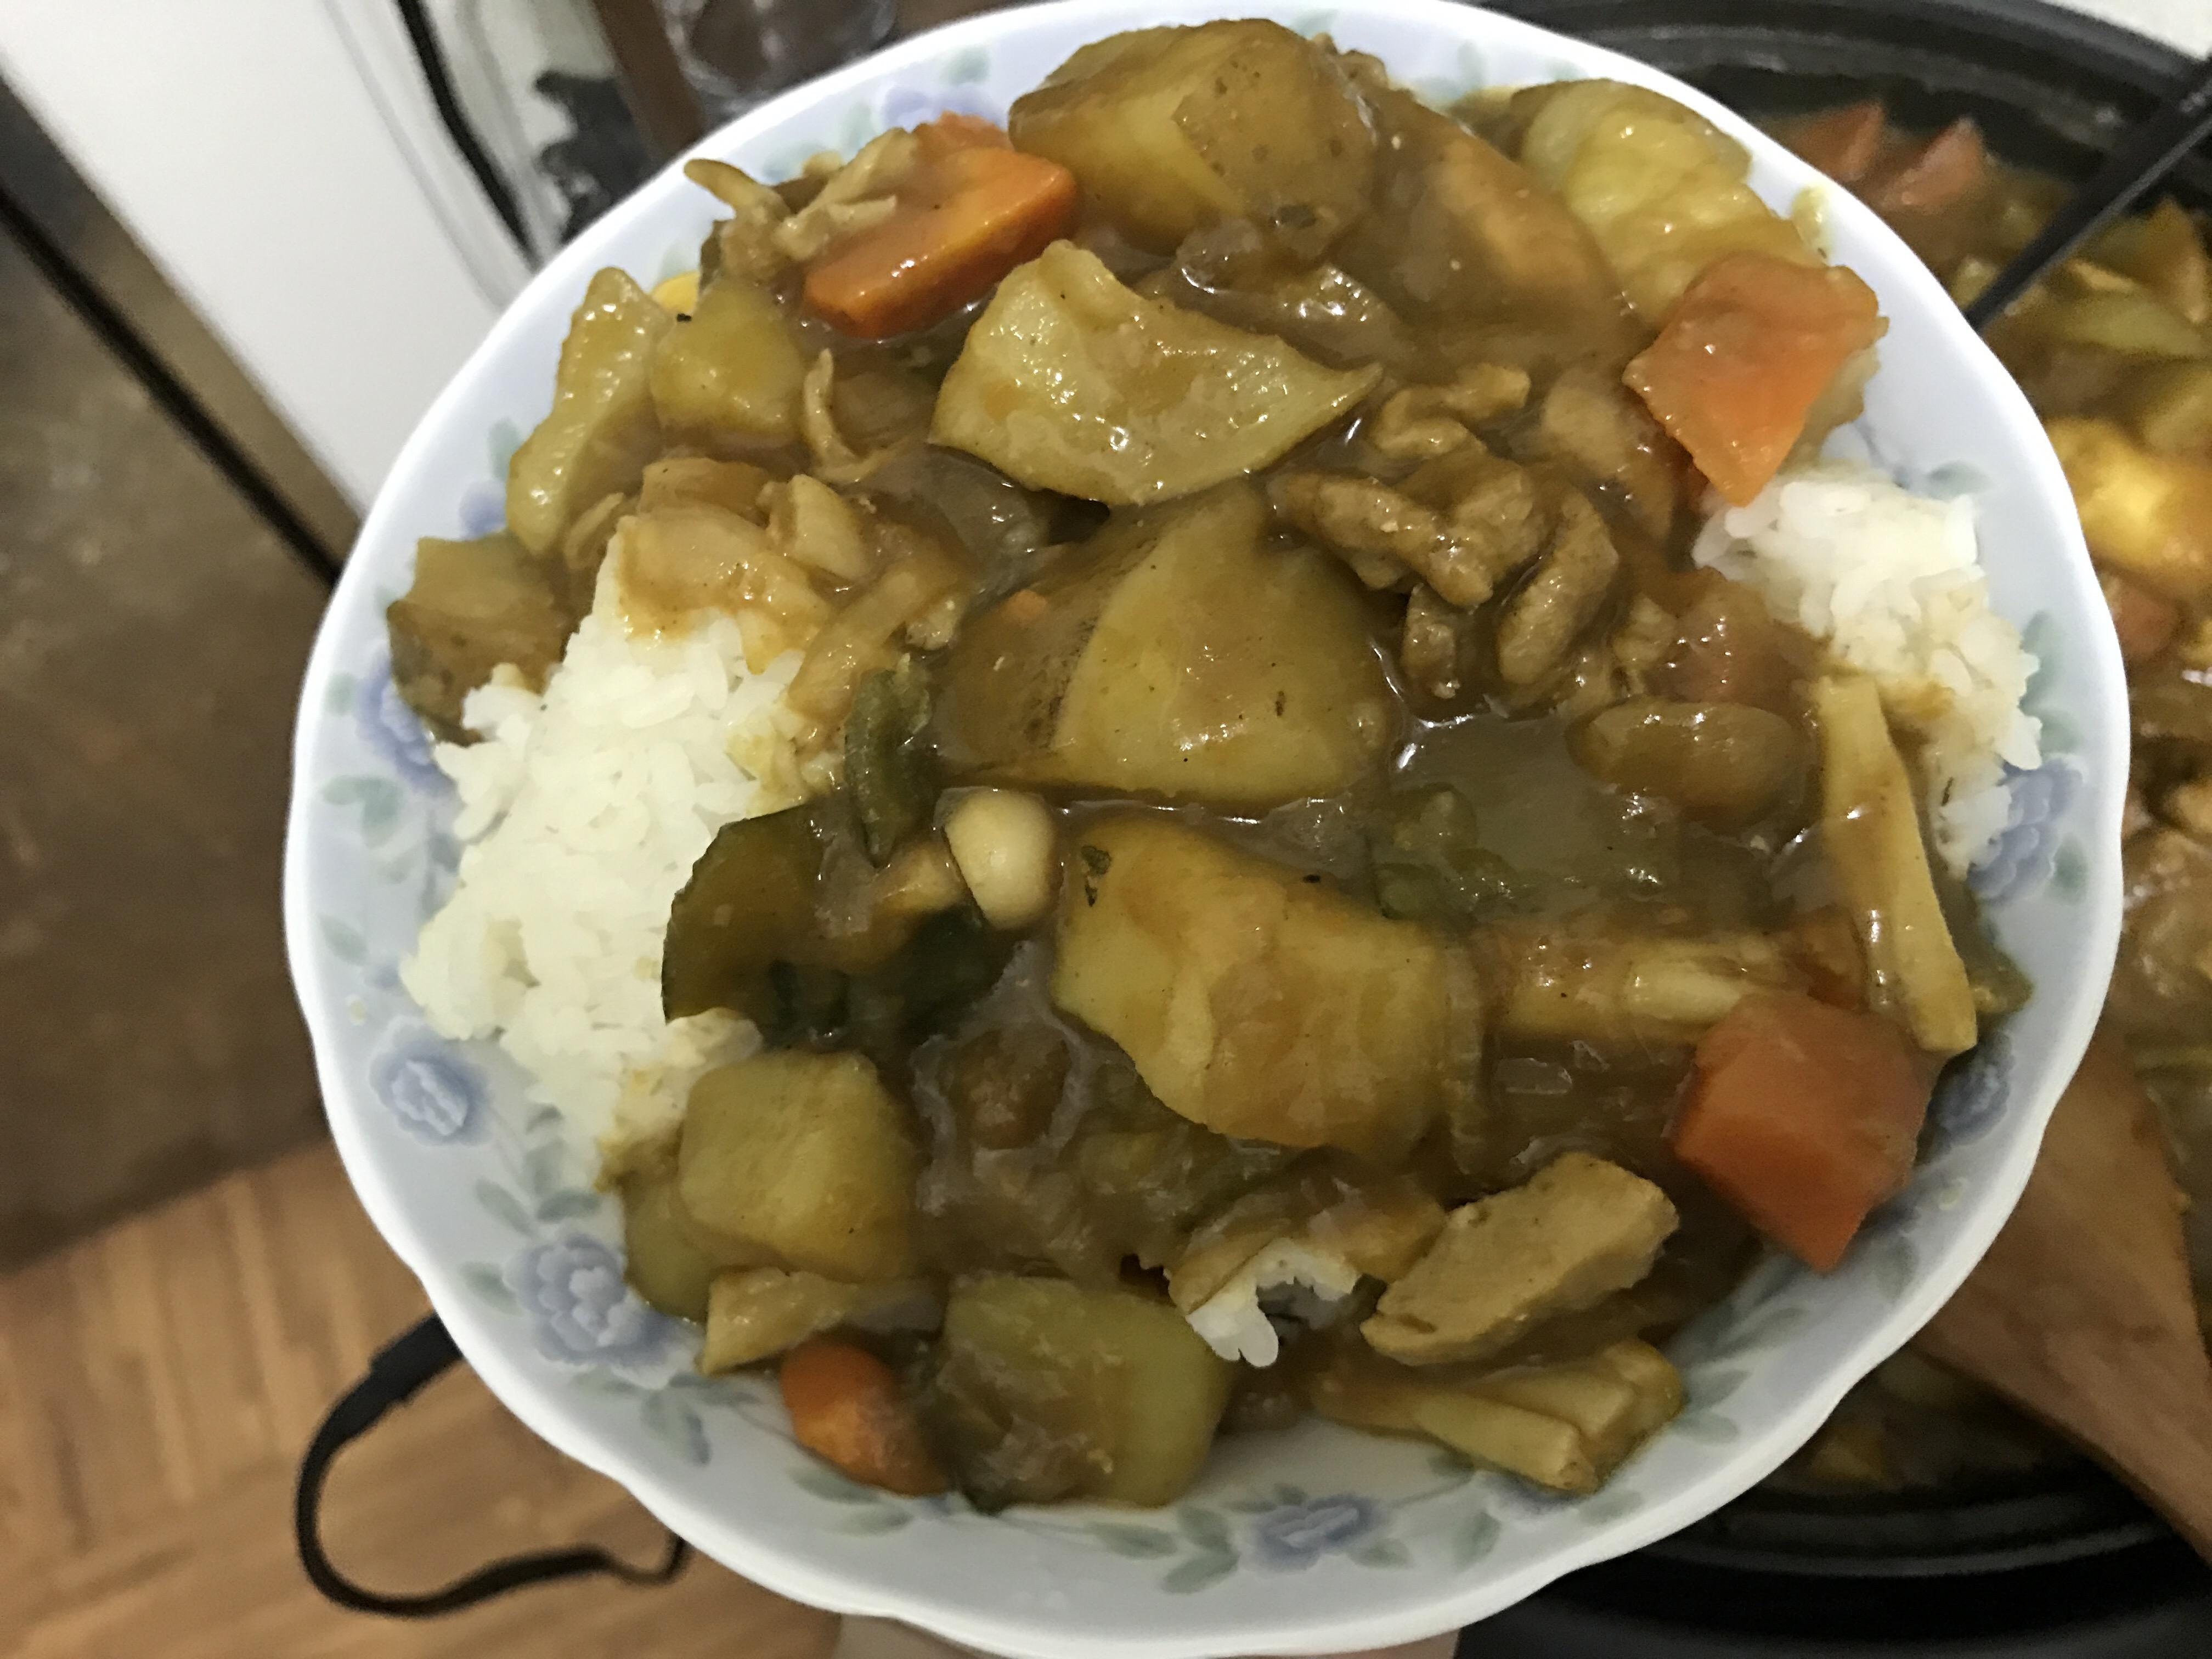 懶懶子深夜食堂~豬肉咖哩飯! 攝影 日式料理 民生資訊分享 自己動手做! 飲食集錦